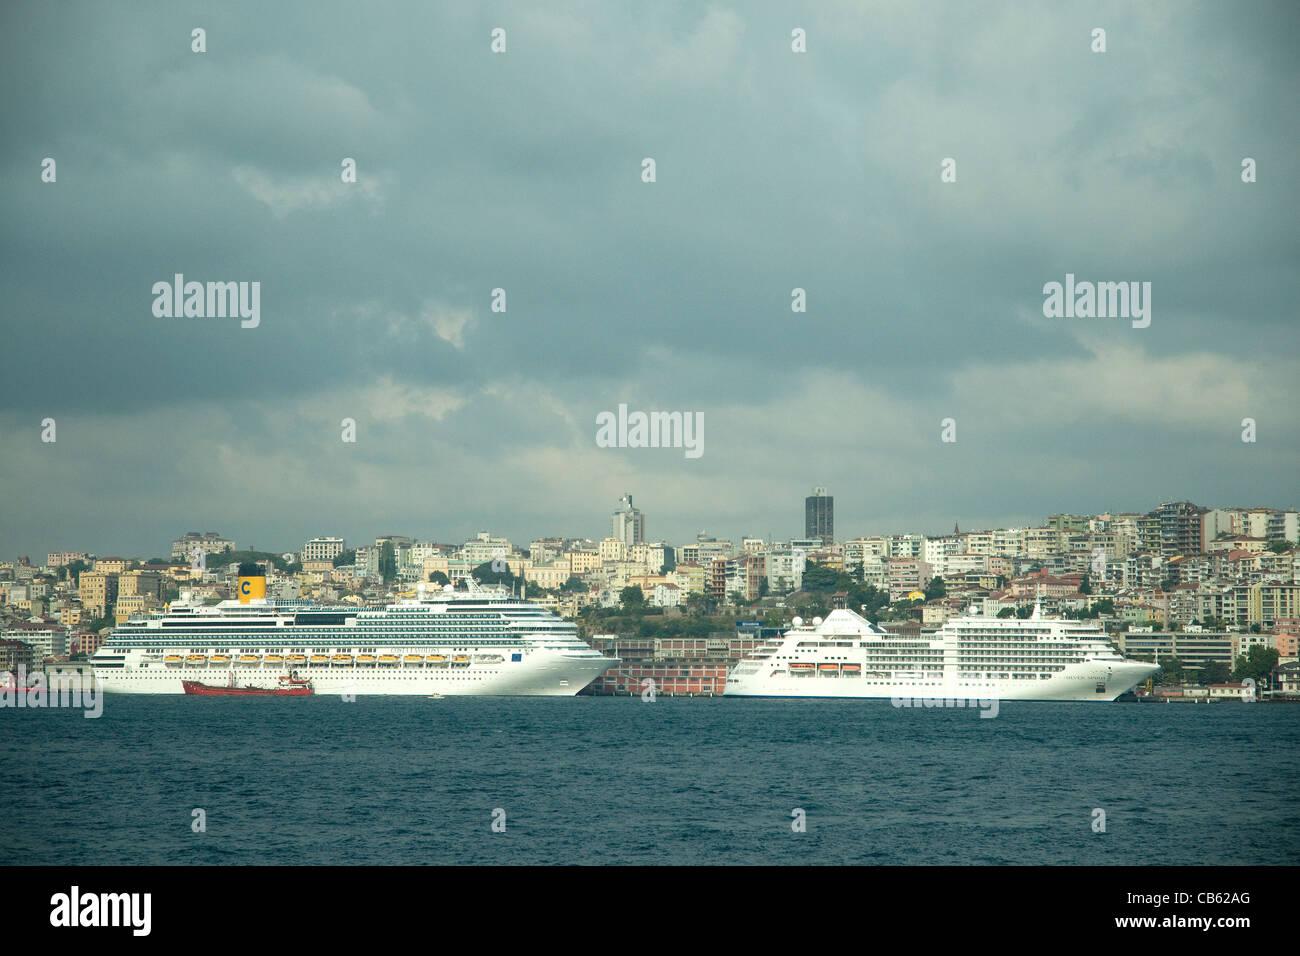 La línea de cruceros a la zona ribereña de la ciudad de Estambul, reflejando la antigua ciudad masiva Imagen De Stock